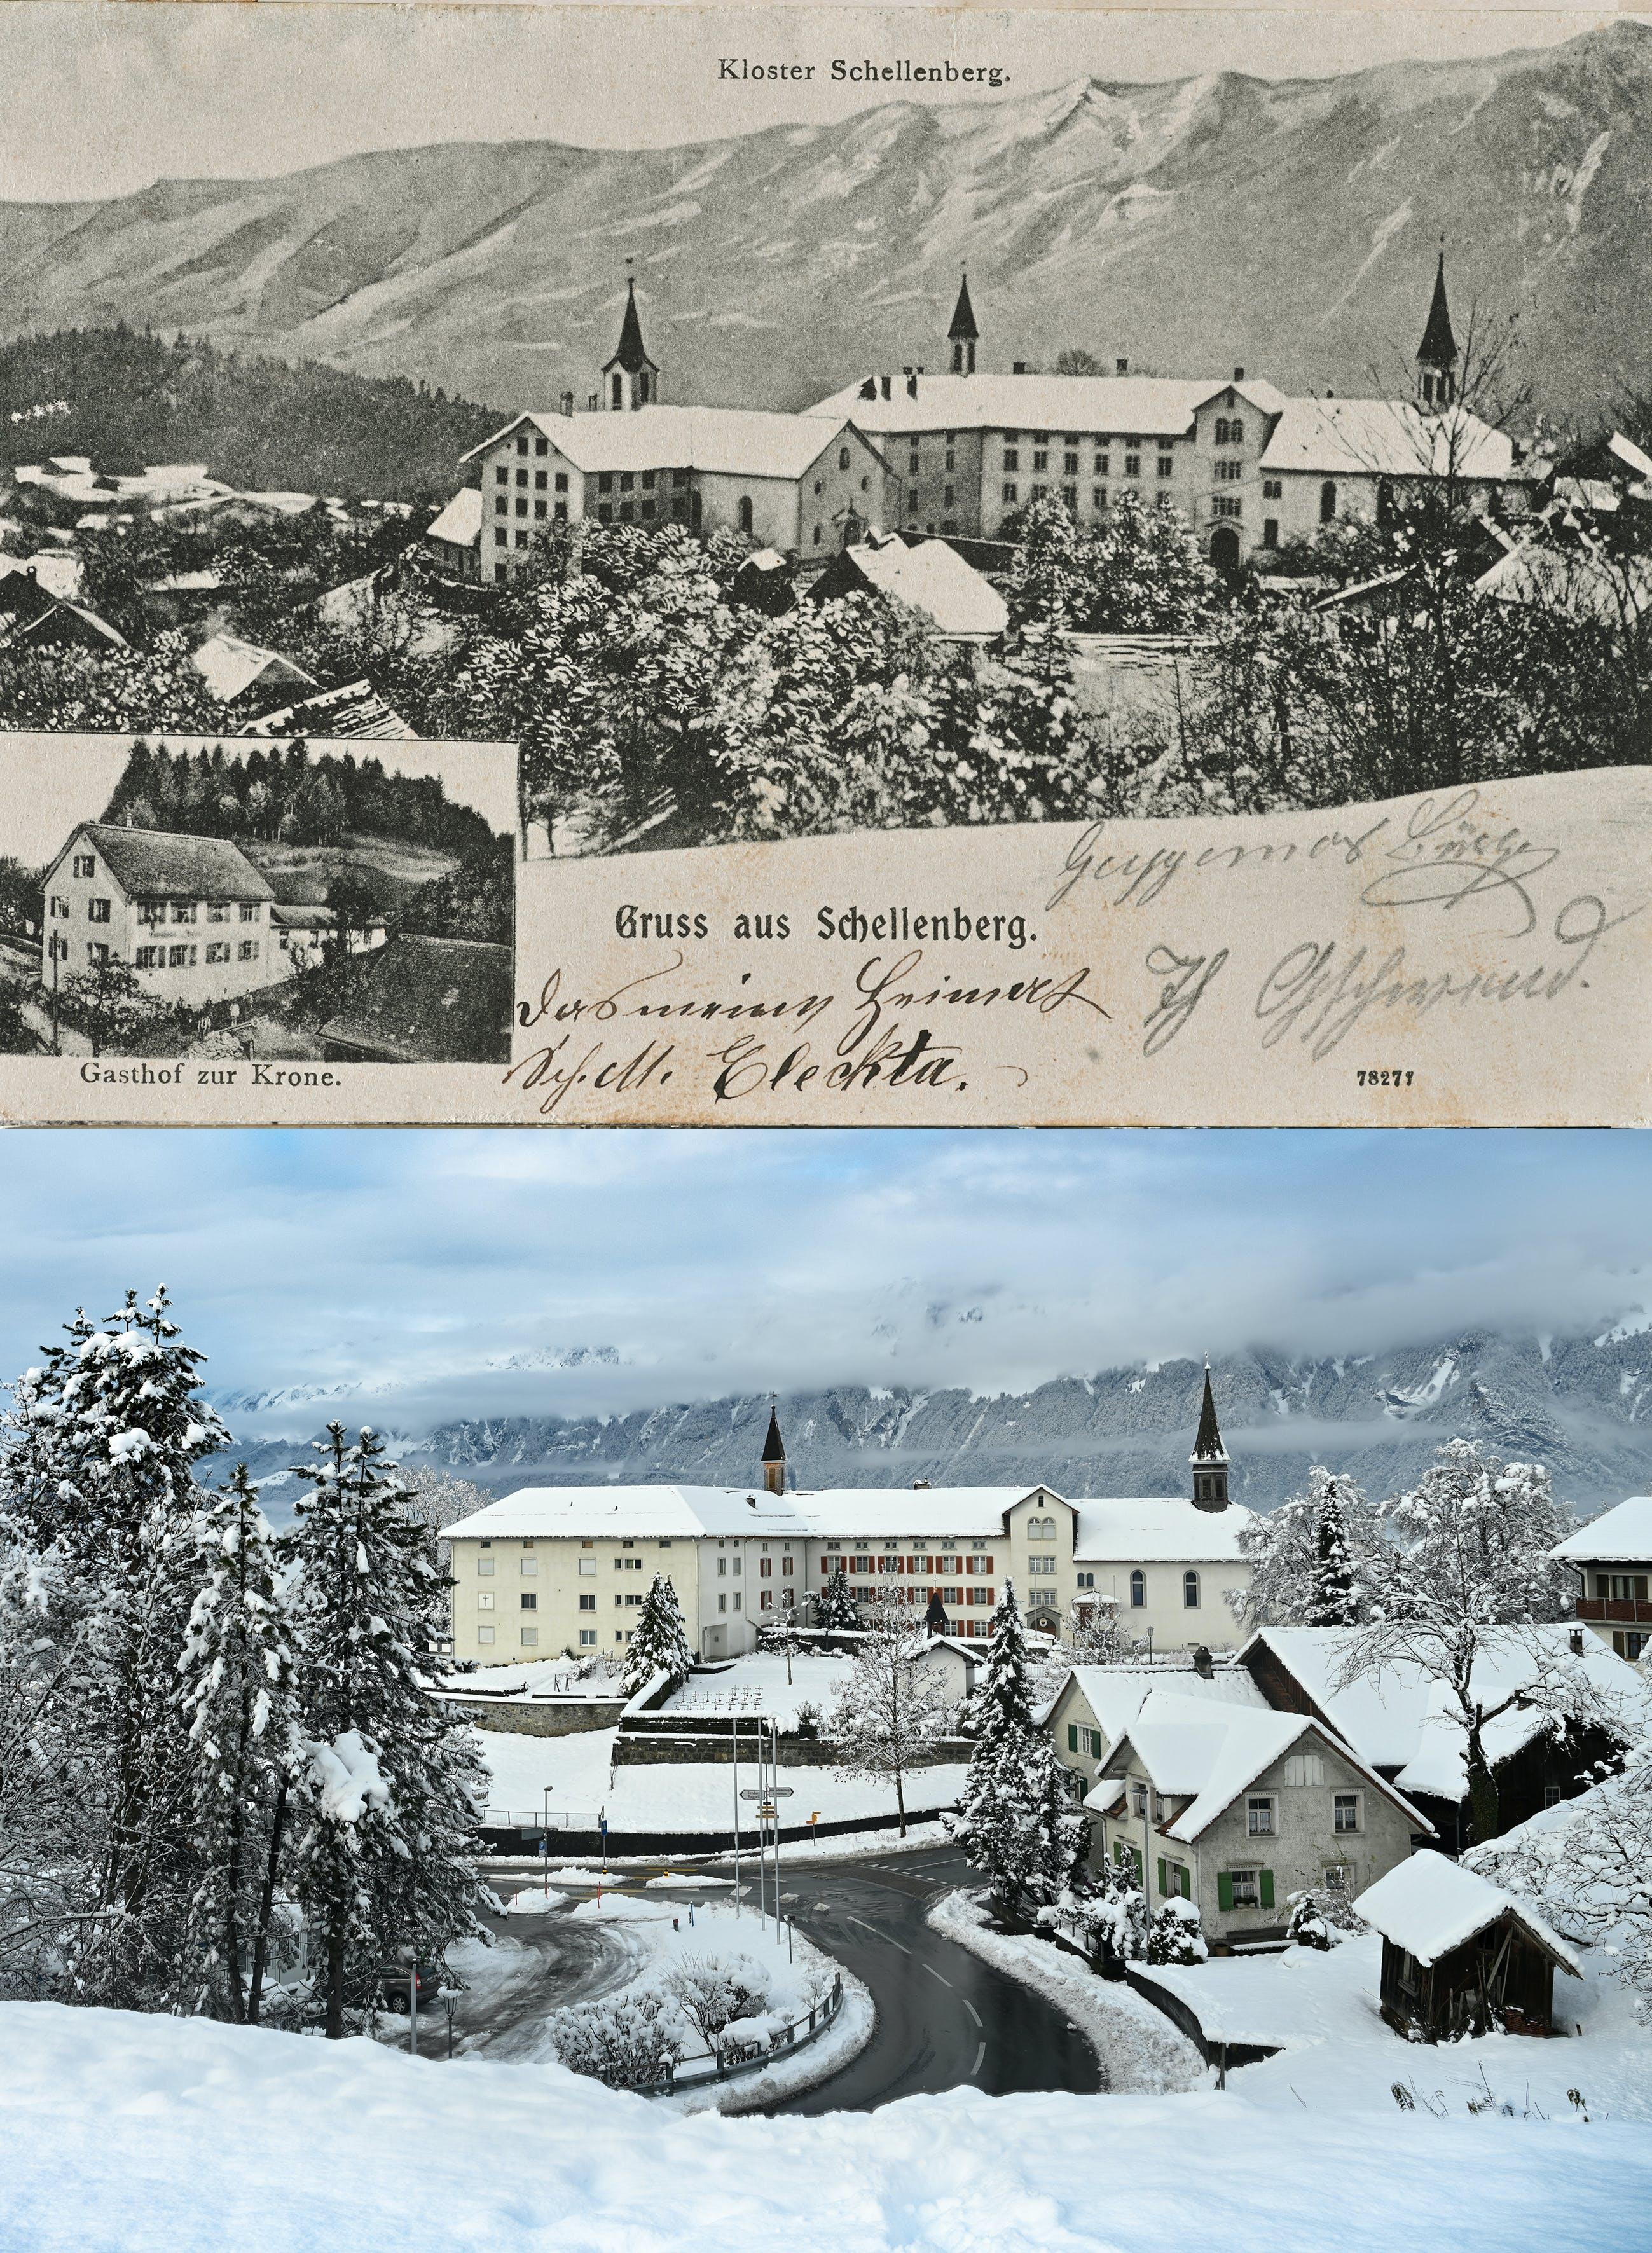 Kloster Schellenberg